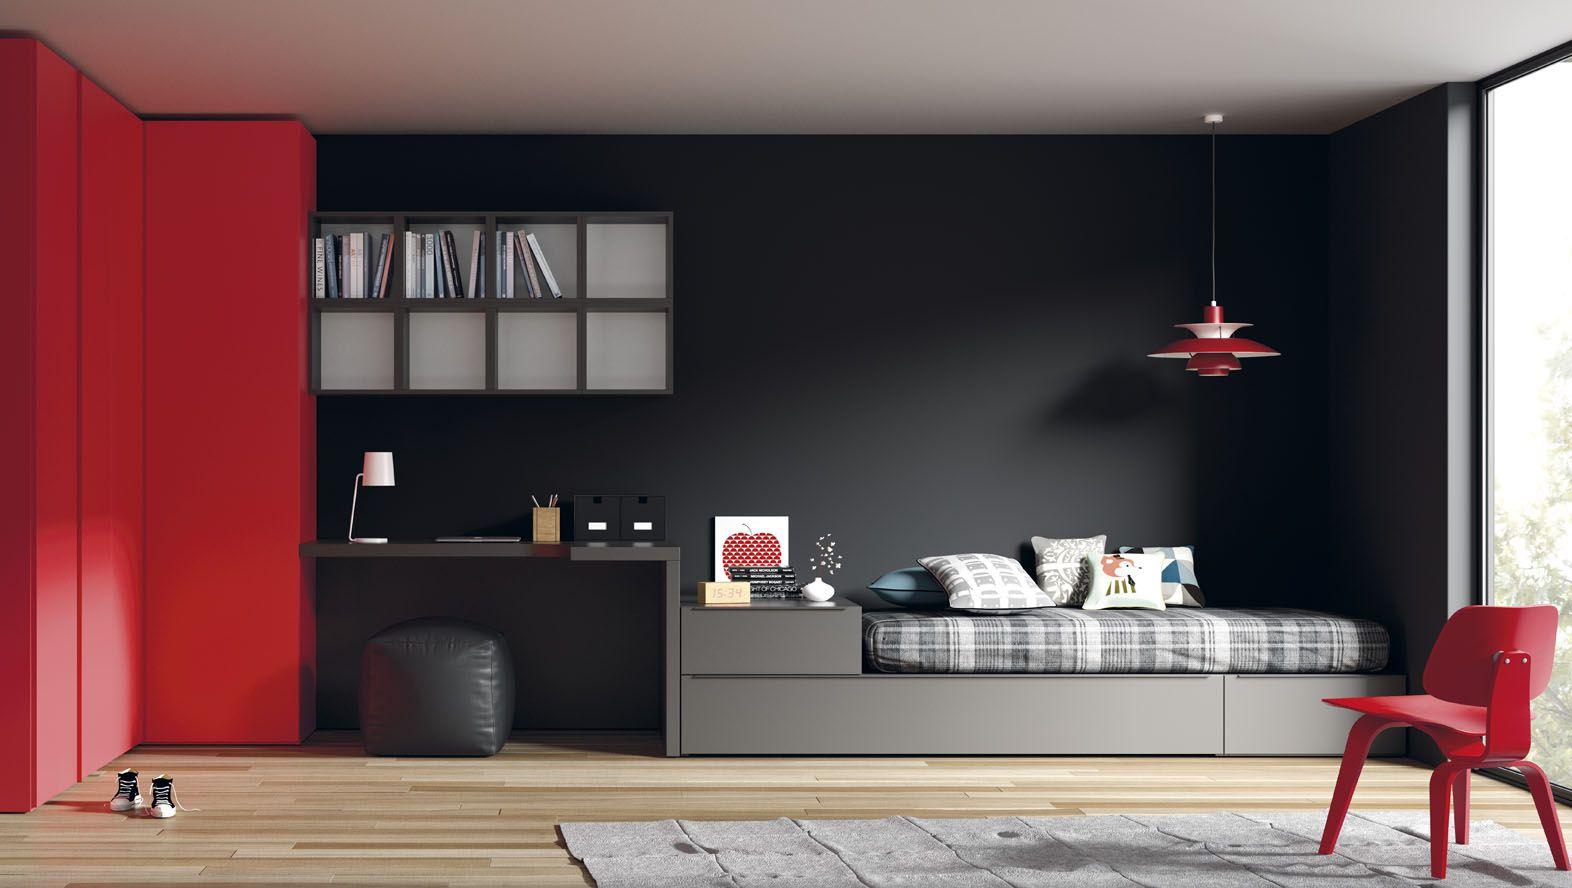 Composici N 43 Cat Logo Infinity Muebles Jjp Pinterest  # Muebles Necesarios En Un Dormitorio